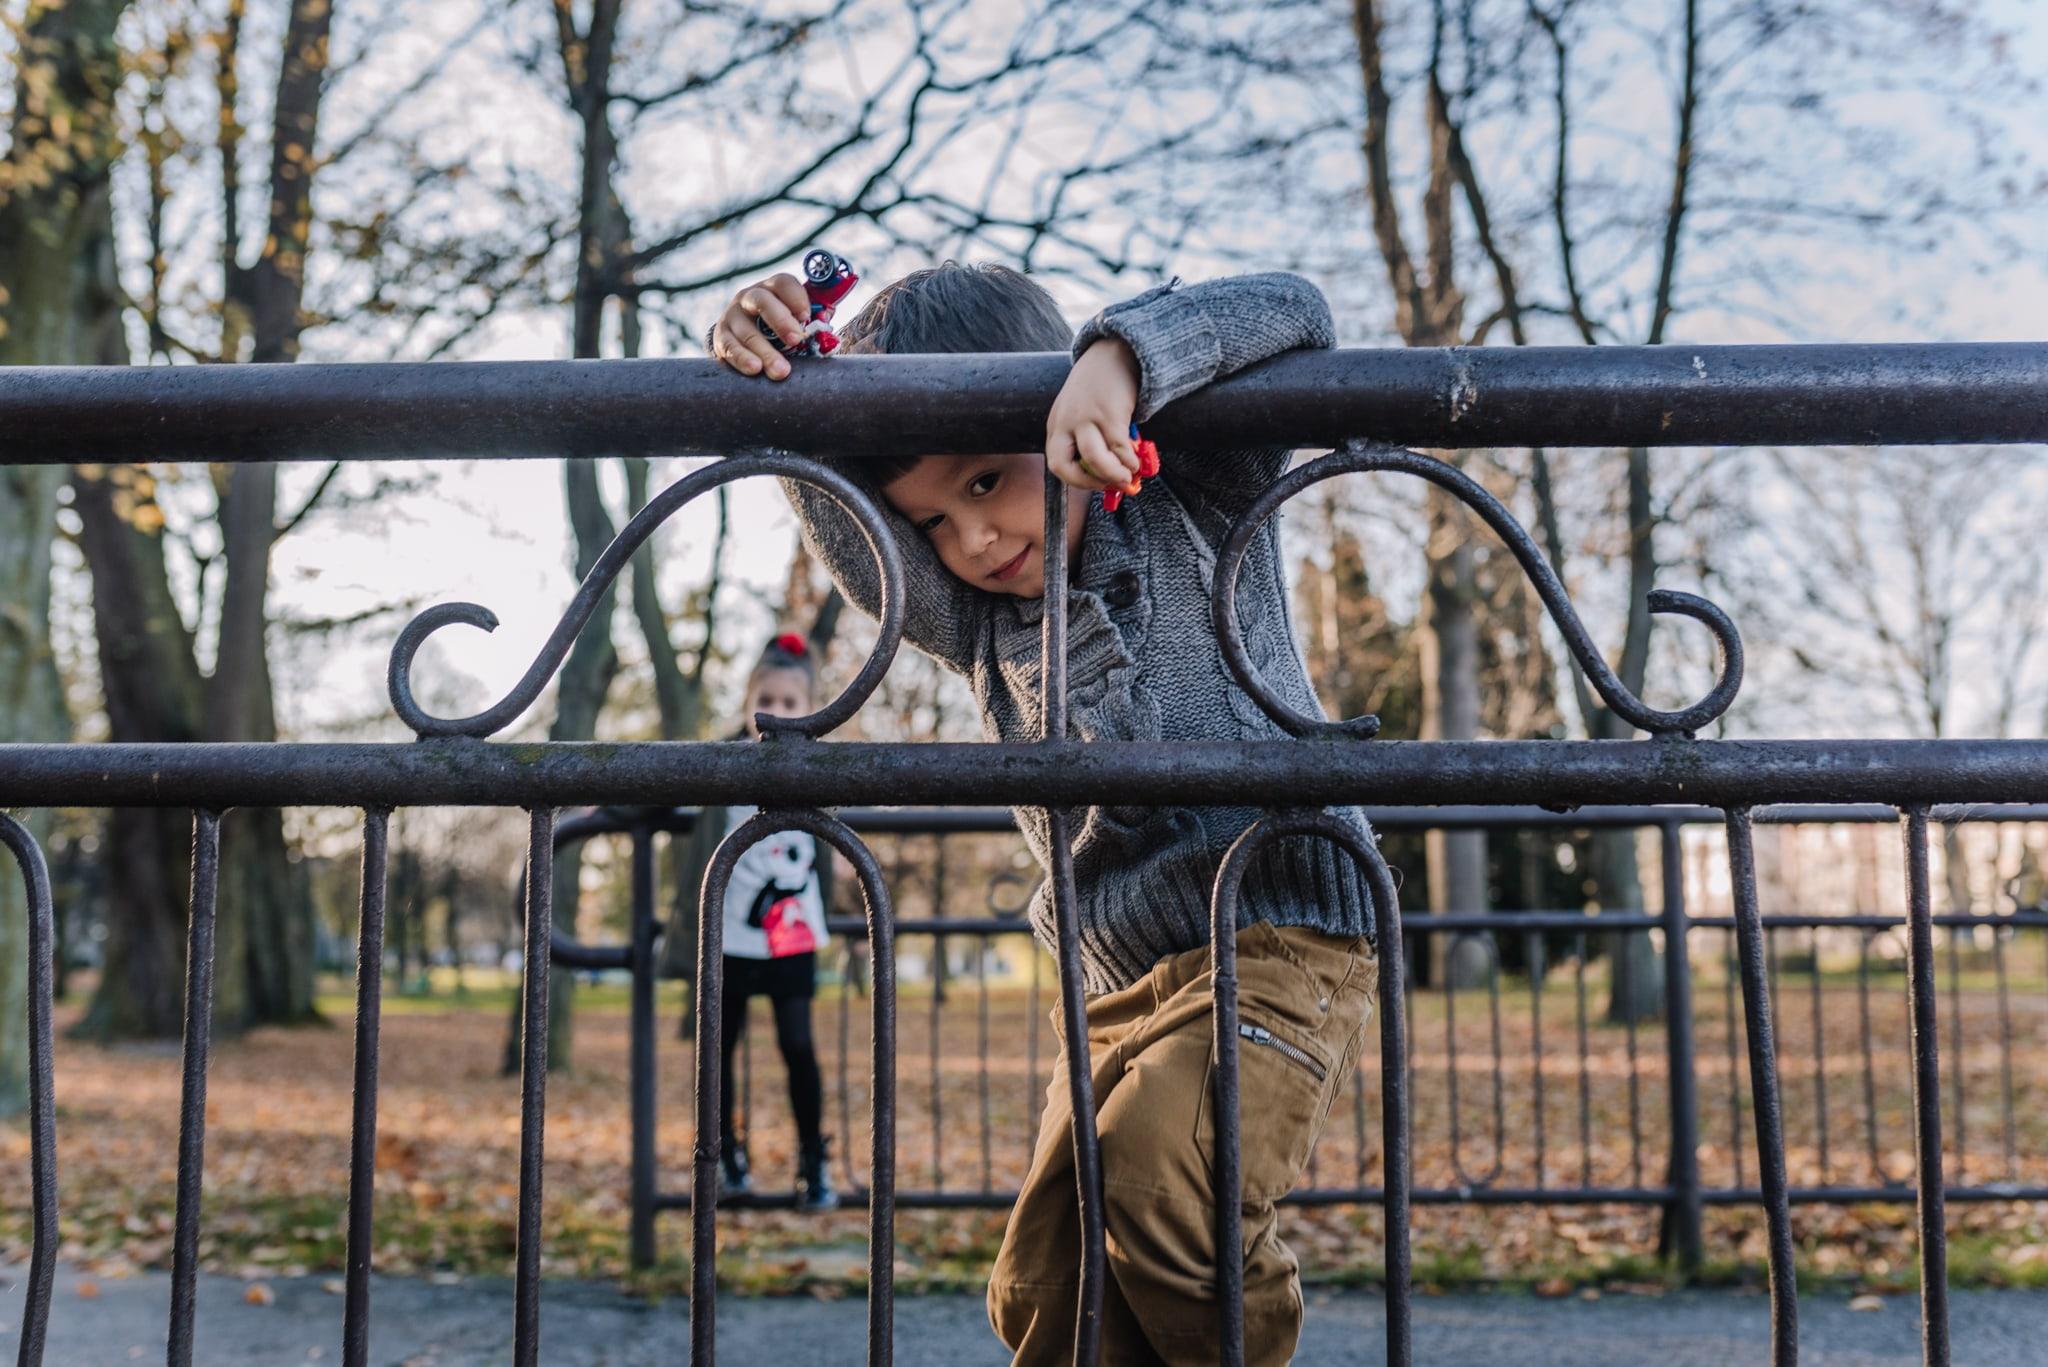 chłopczyk wspinający się na barierkę